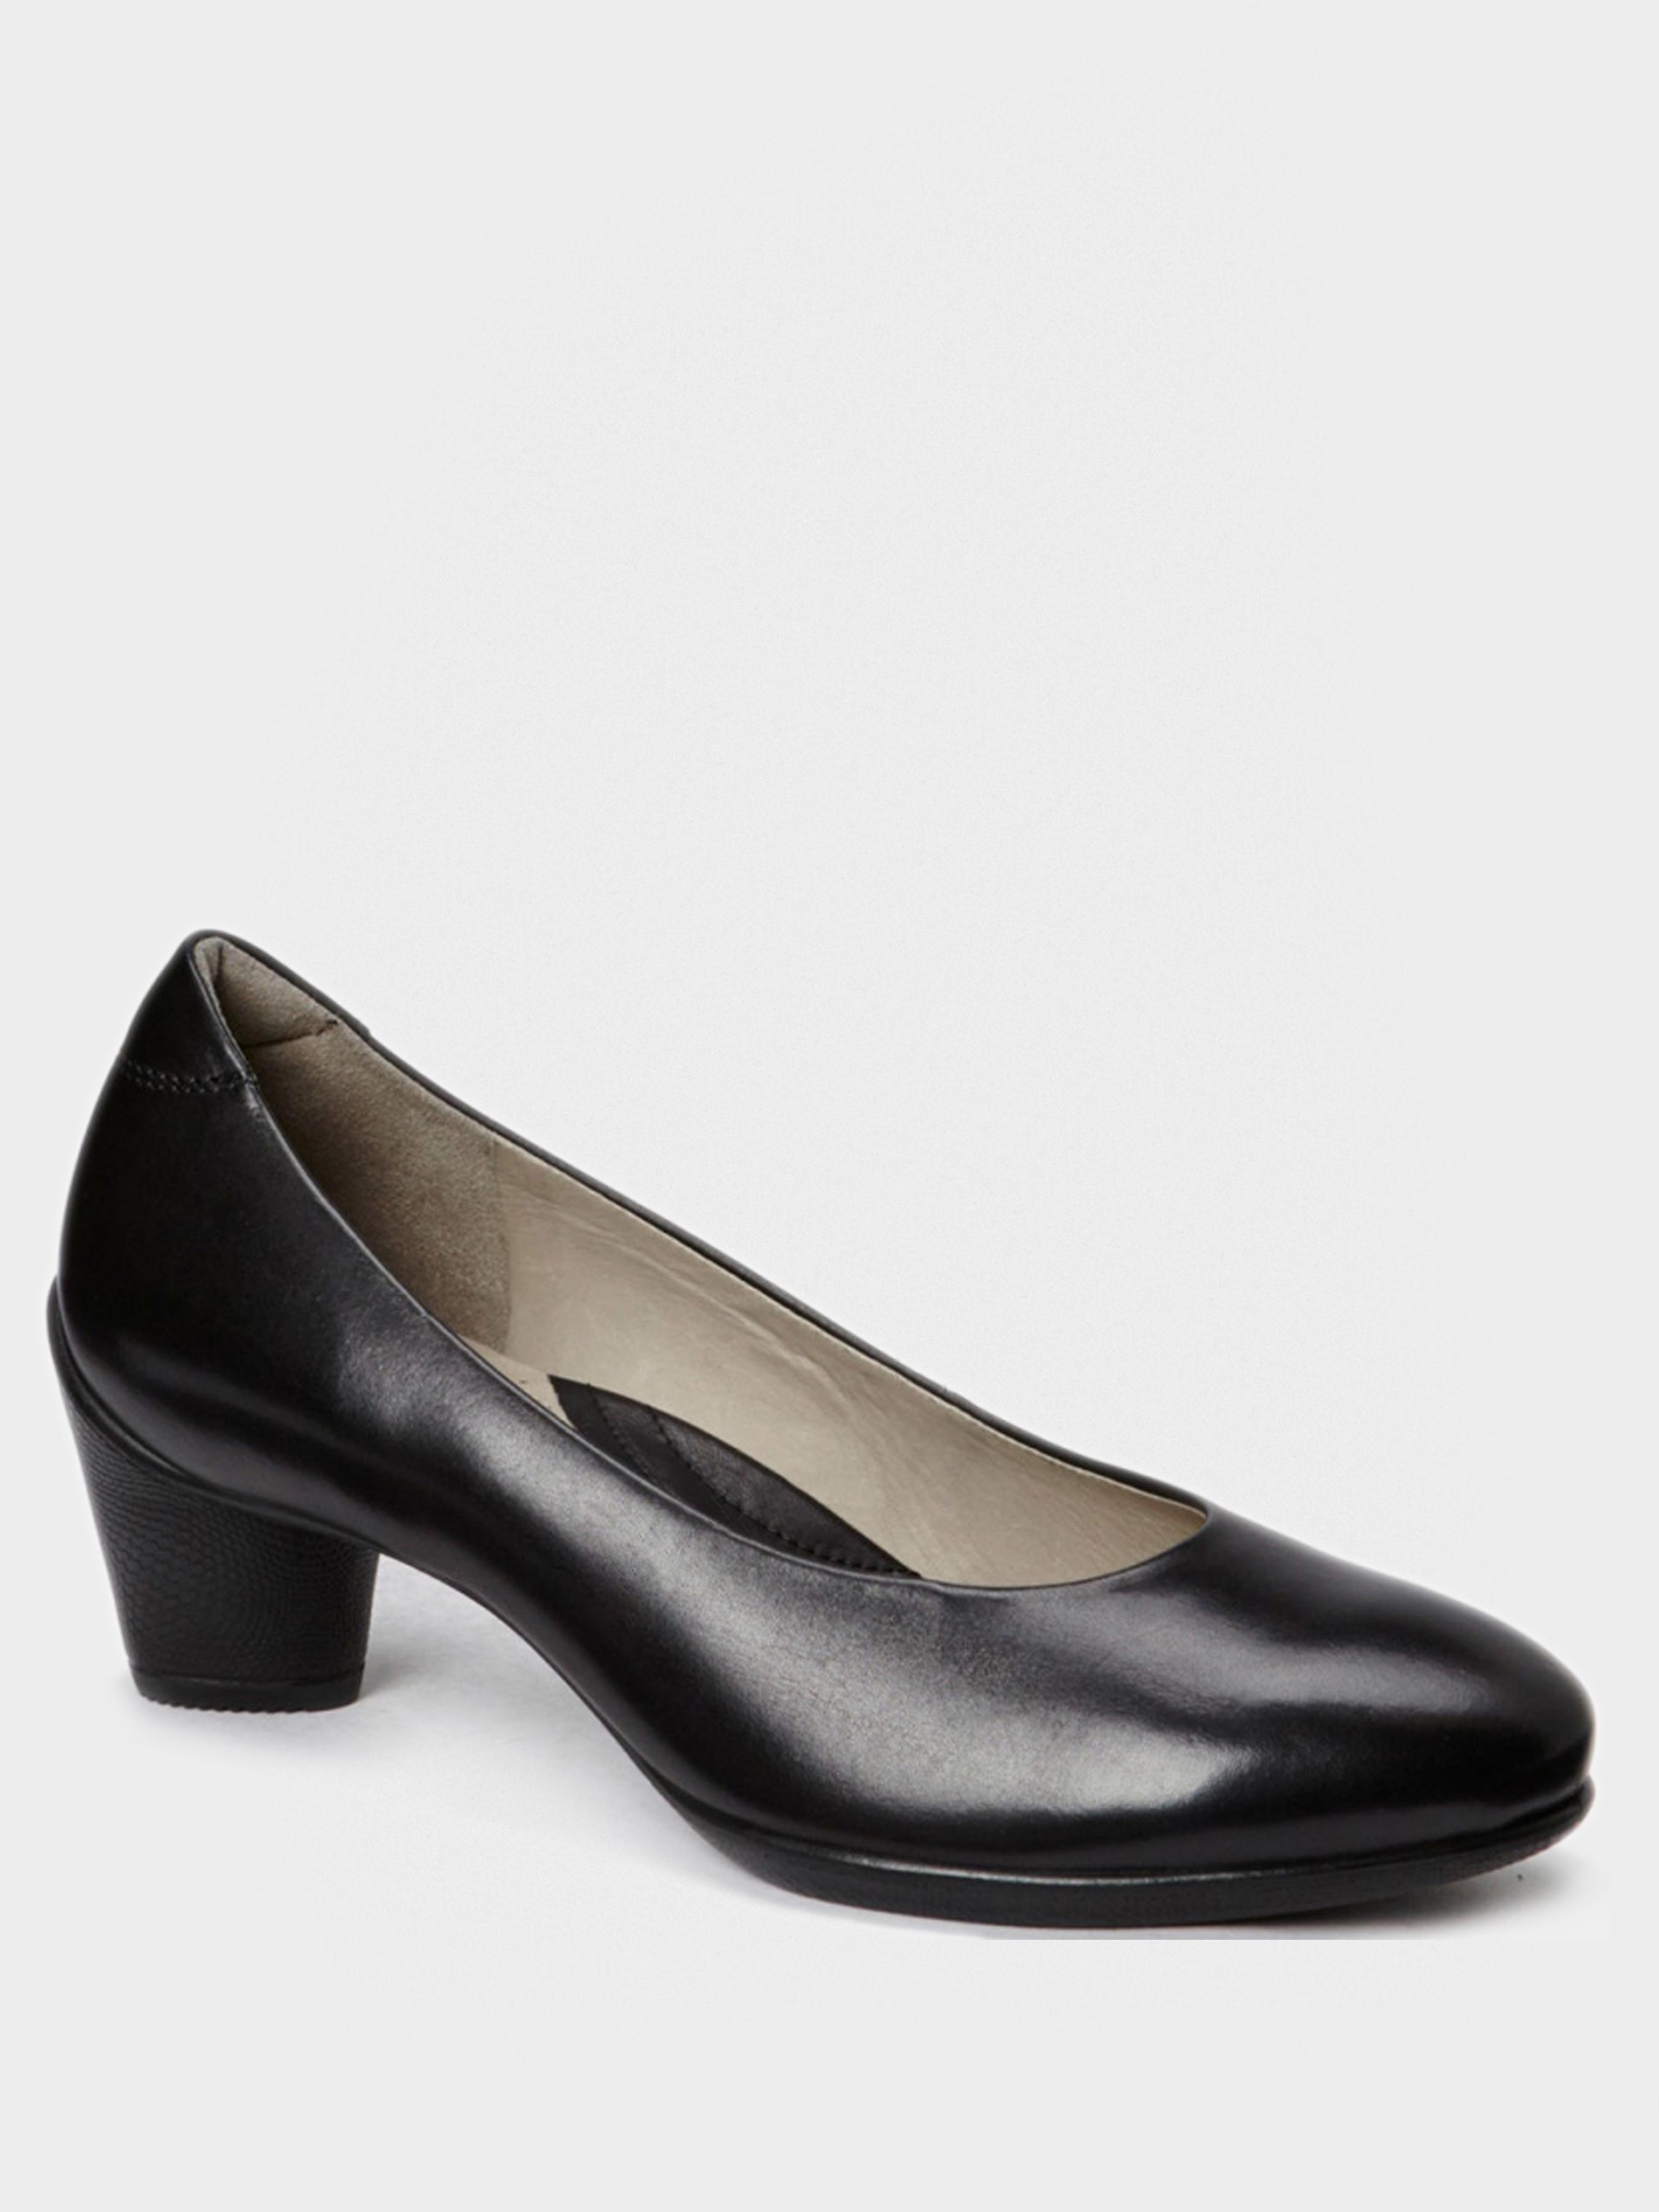 жіночі туфлі ecco sculptured 45 230203(01001) шкіряні